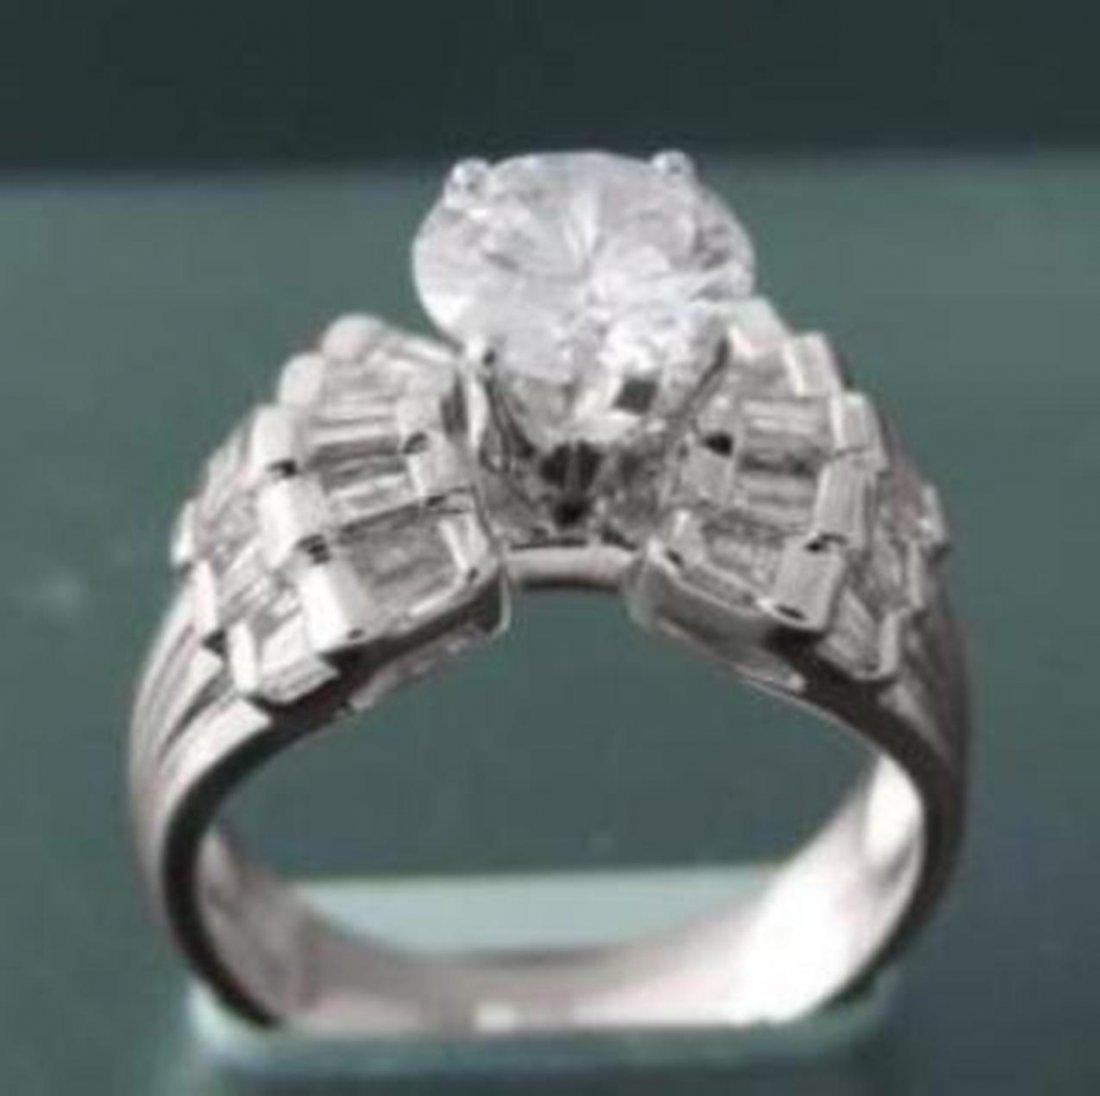 181: Anniversary Diamond Ring 2.30 Carat 14k with White